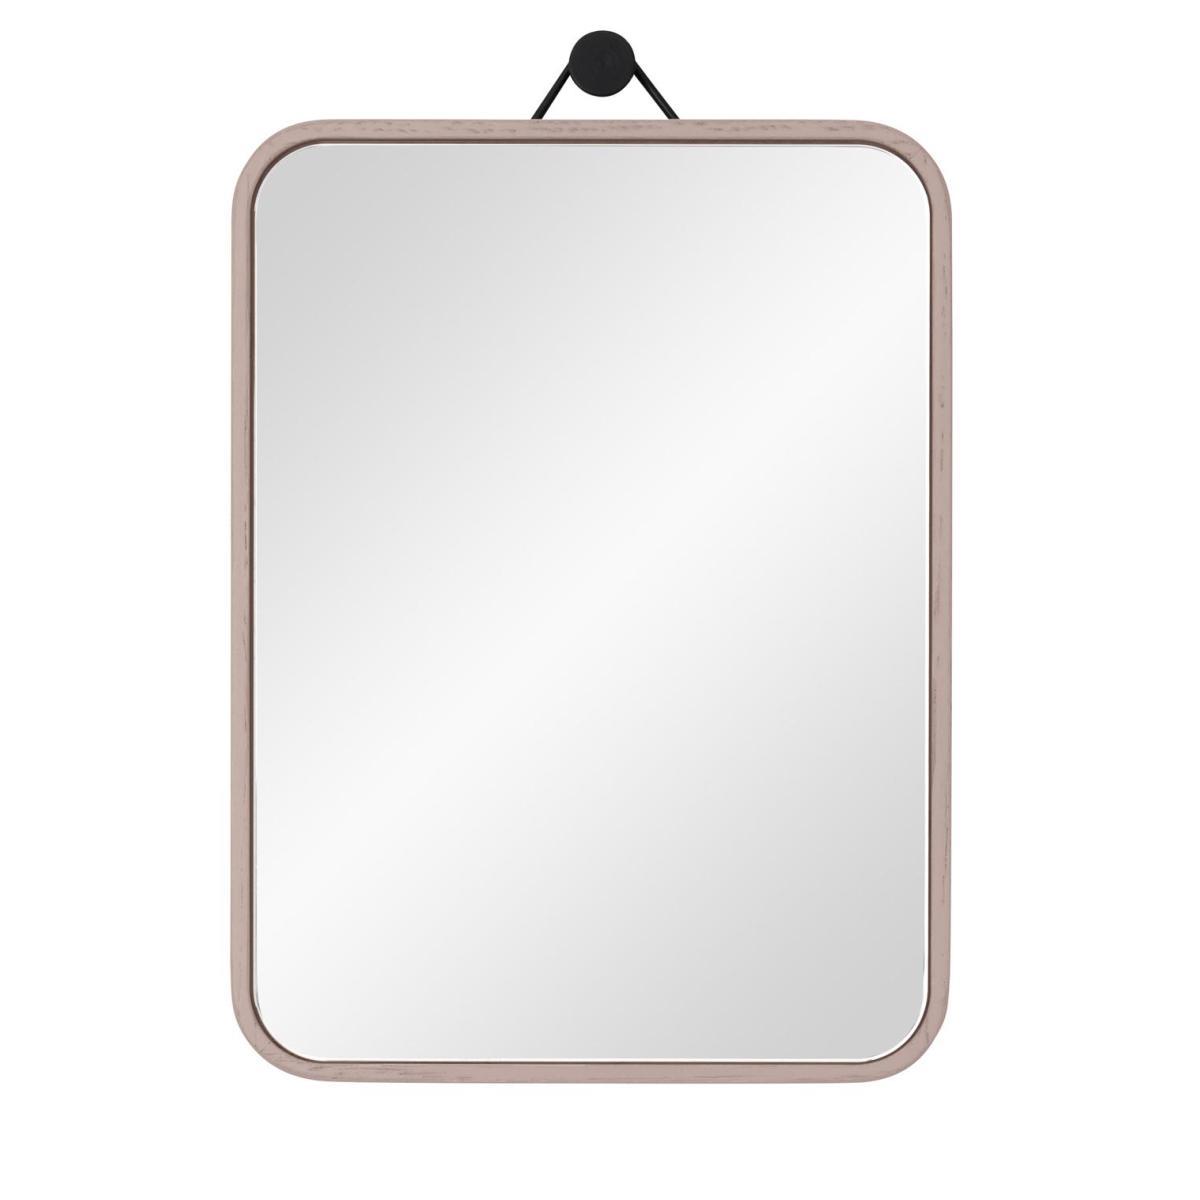 VIEW Spiegel 15 x 20 cm Eiche kieselstein